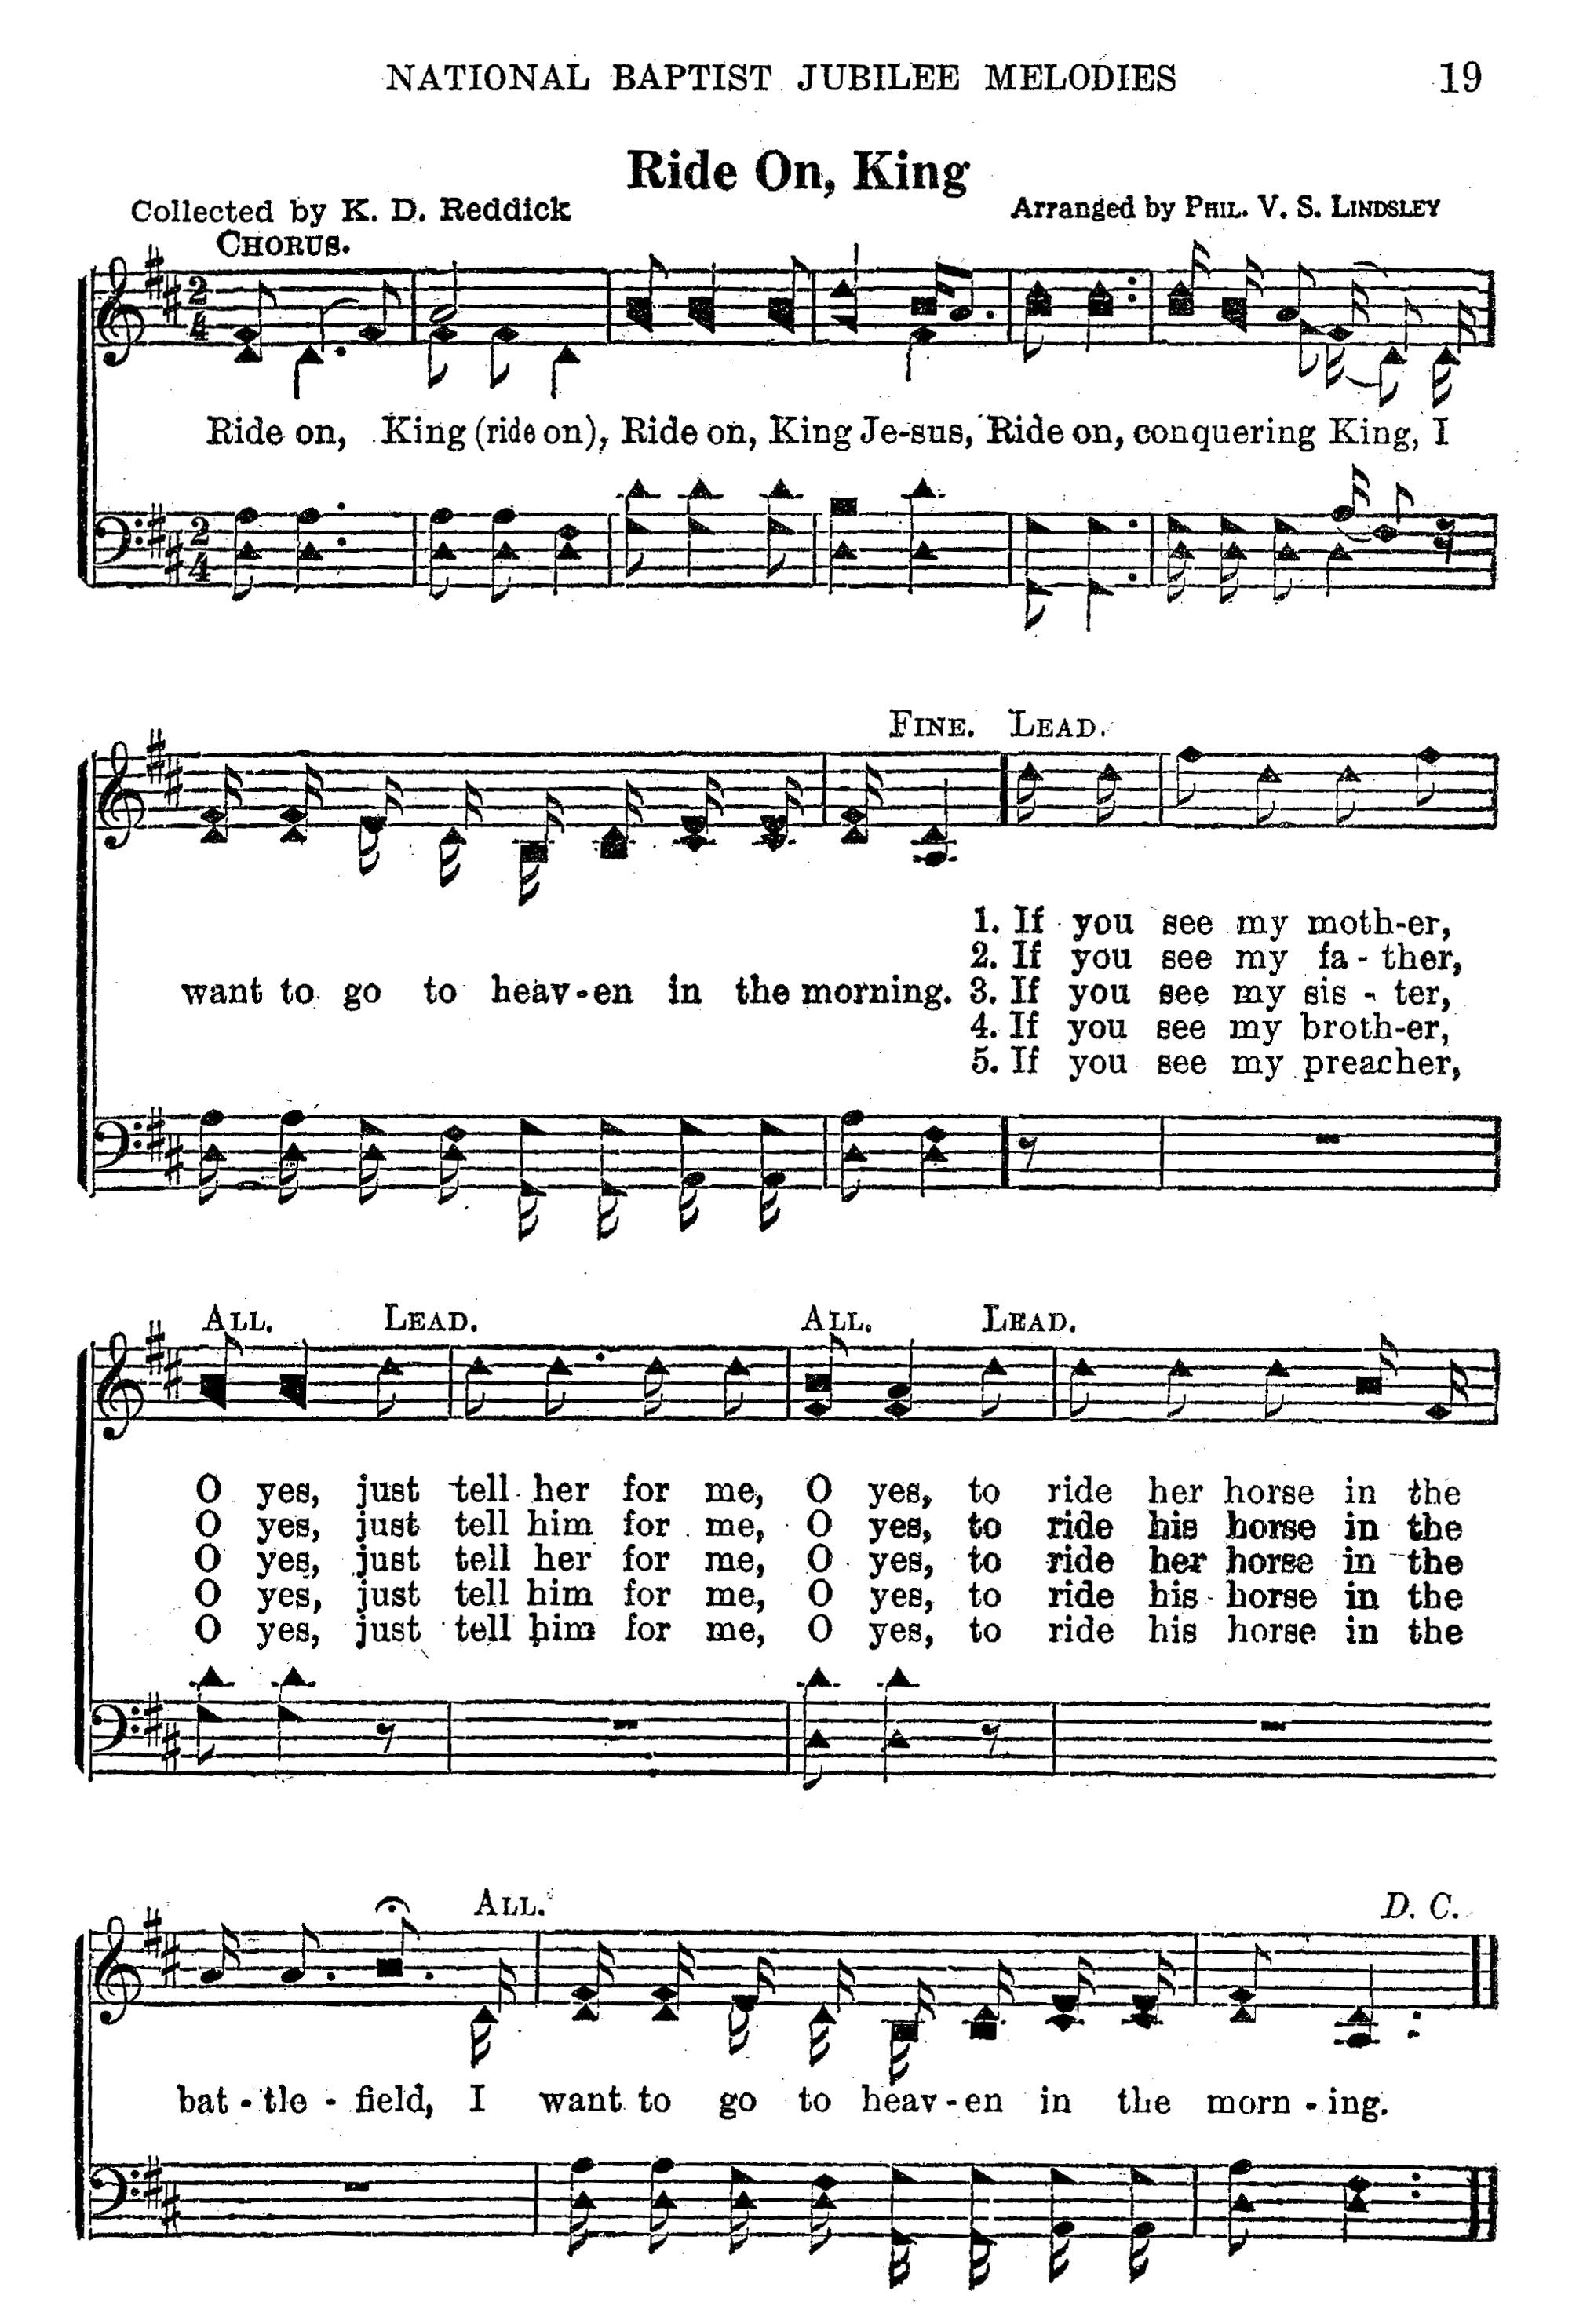 Fig. 3.   National Jubilee Melodies  (Nashville: National Baptist Publishing Board, 1916).